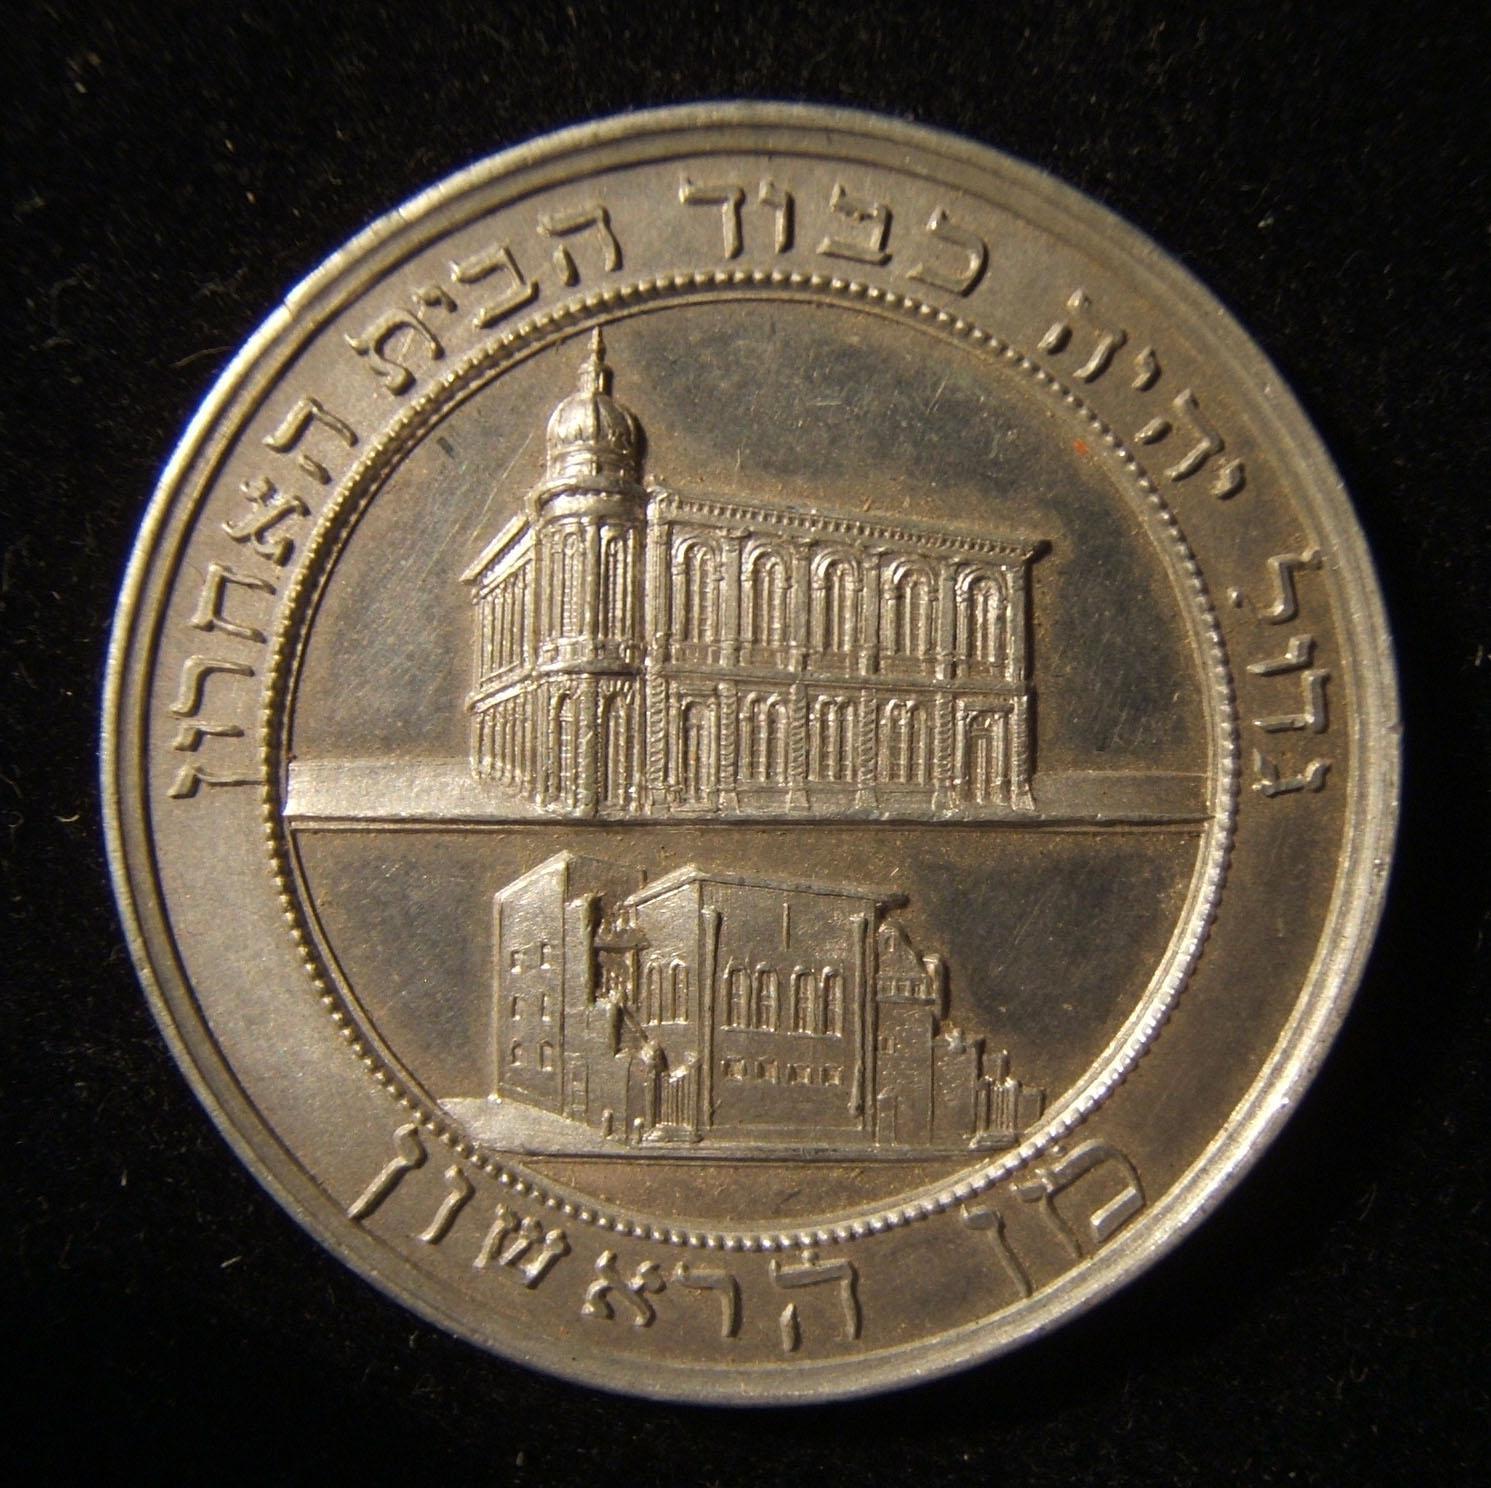 Germany Börneplatz Synagogue (Frankfurt) enlargement medal, aluminum, 1901